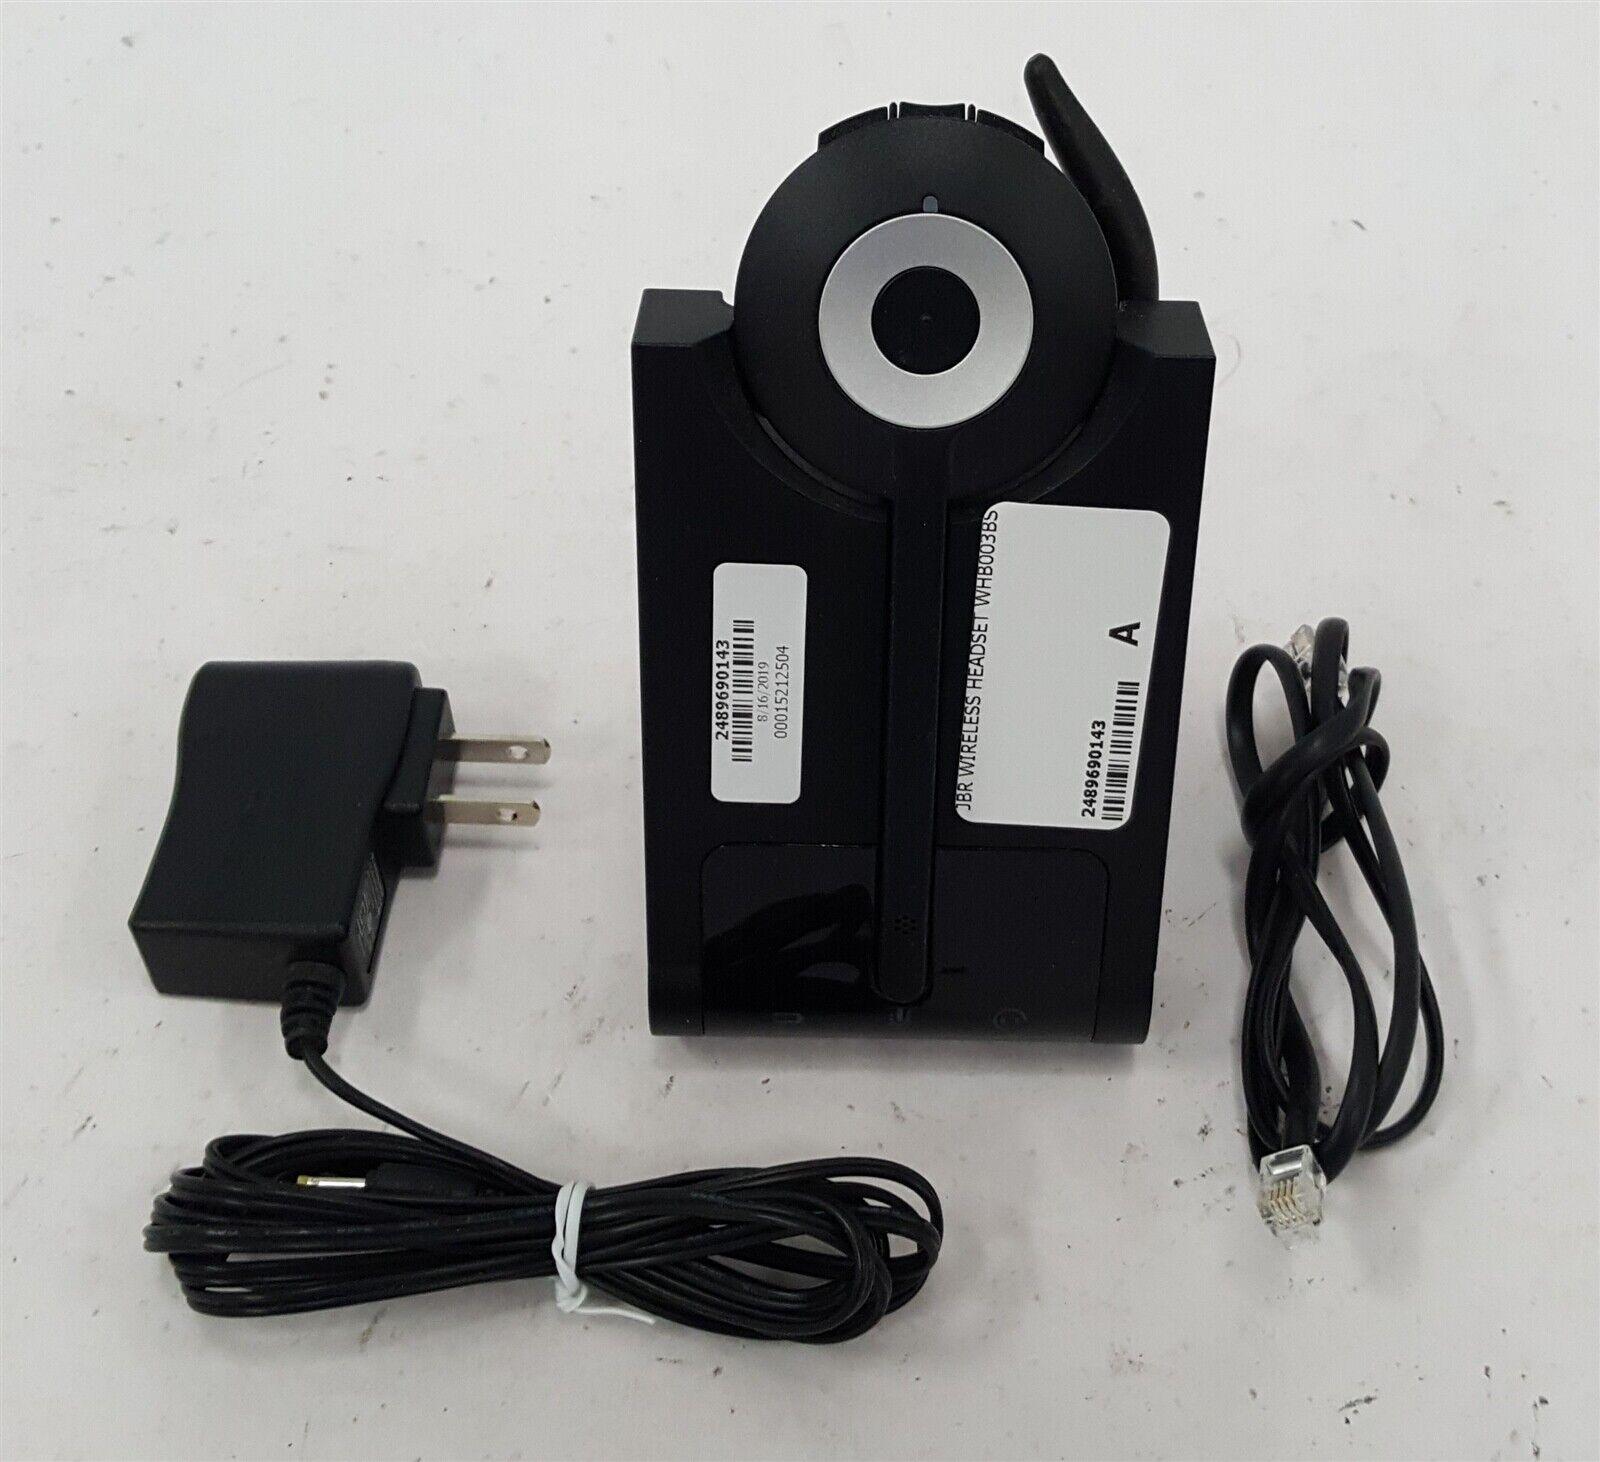 Jabra Pro 920 Mono Headset W Cradle Whb003bs Ac Adapter Ear Hook Ebay